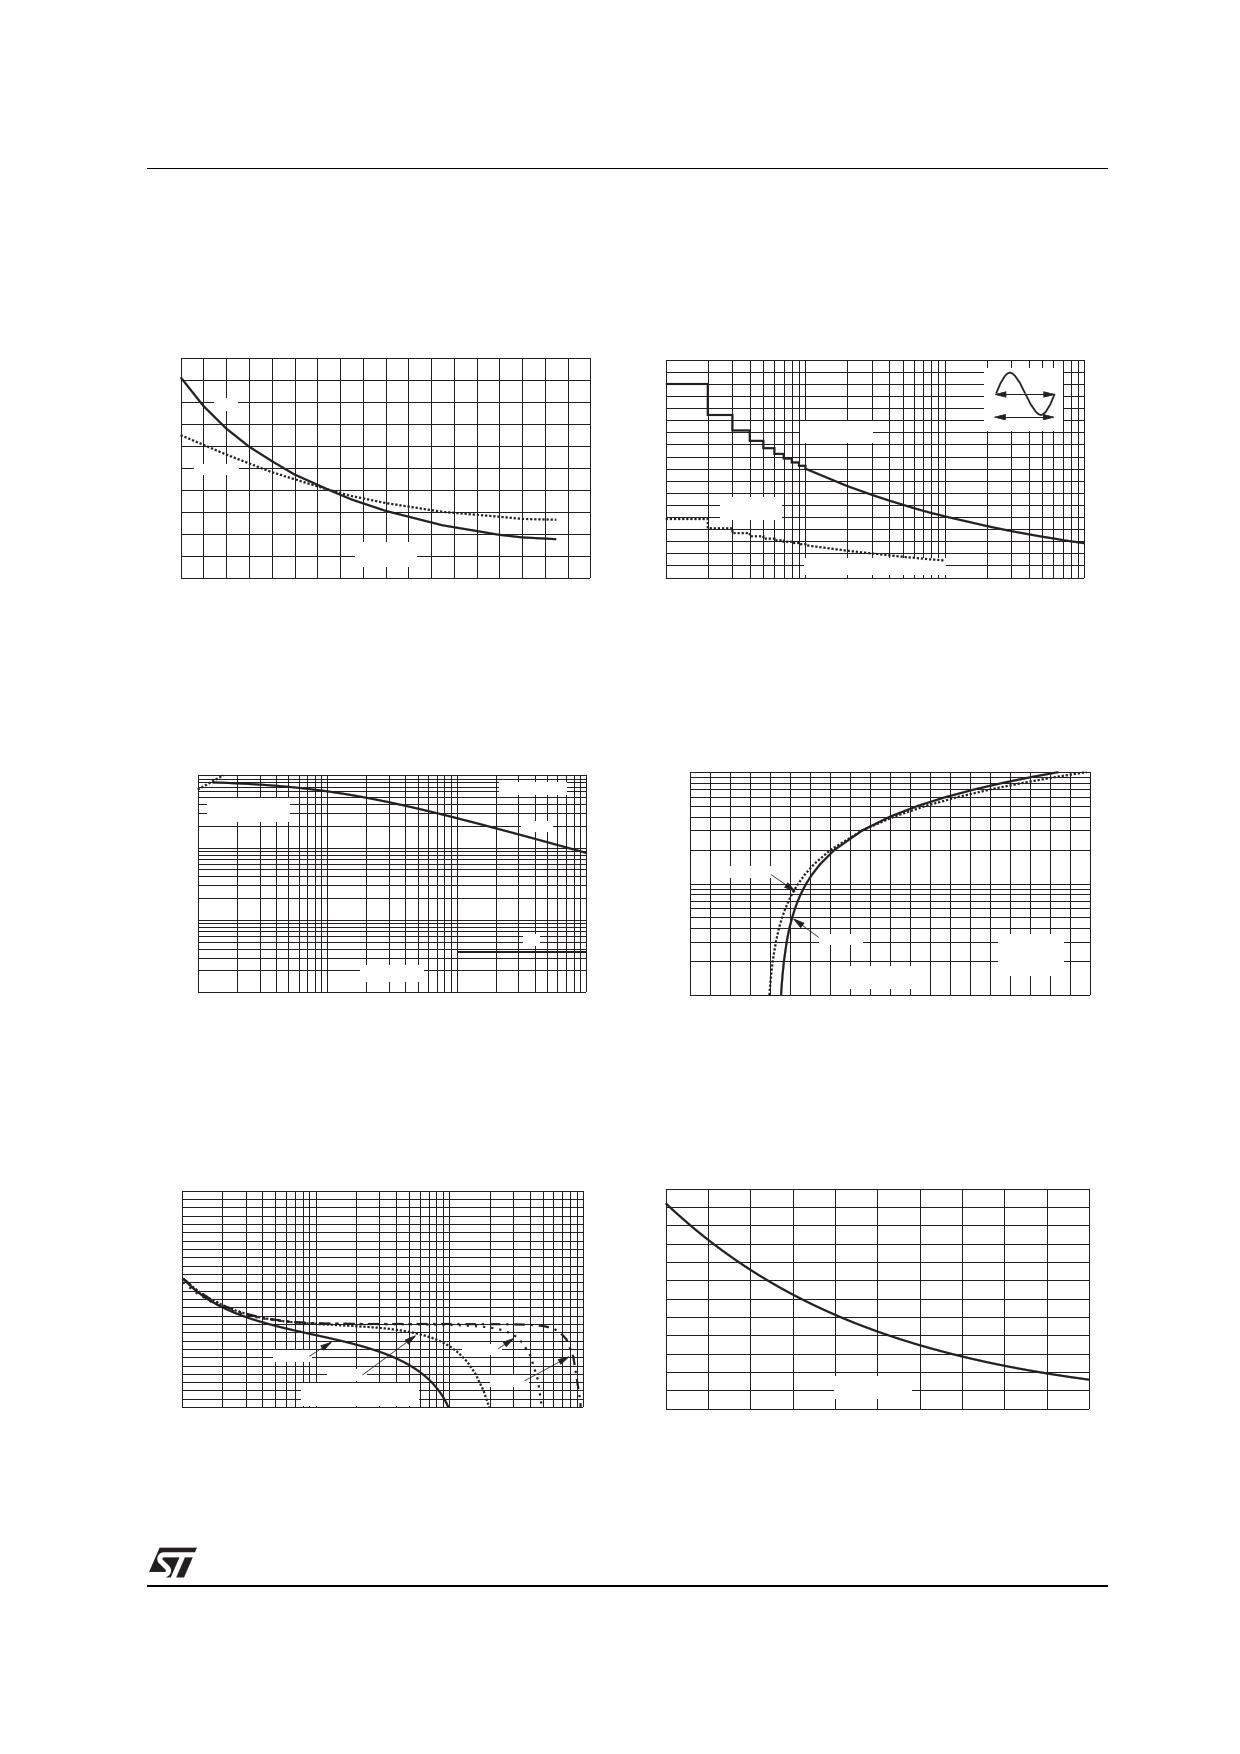 Z0107SN2AL2 pdf